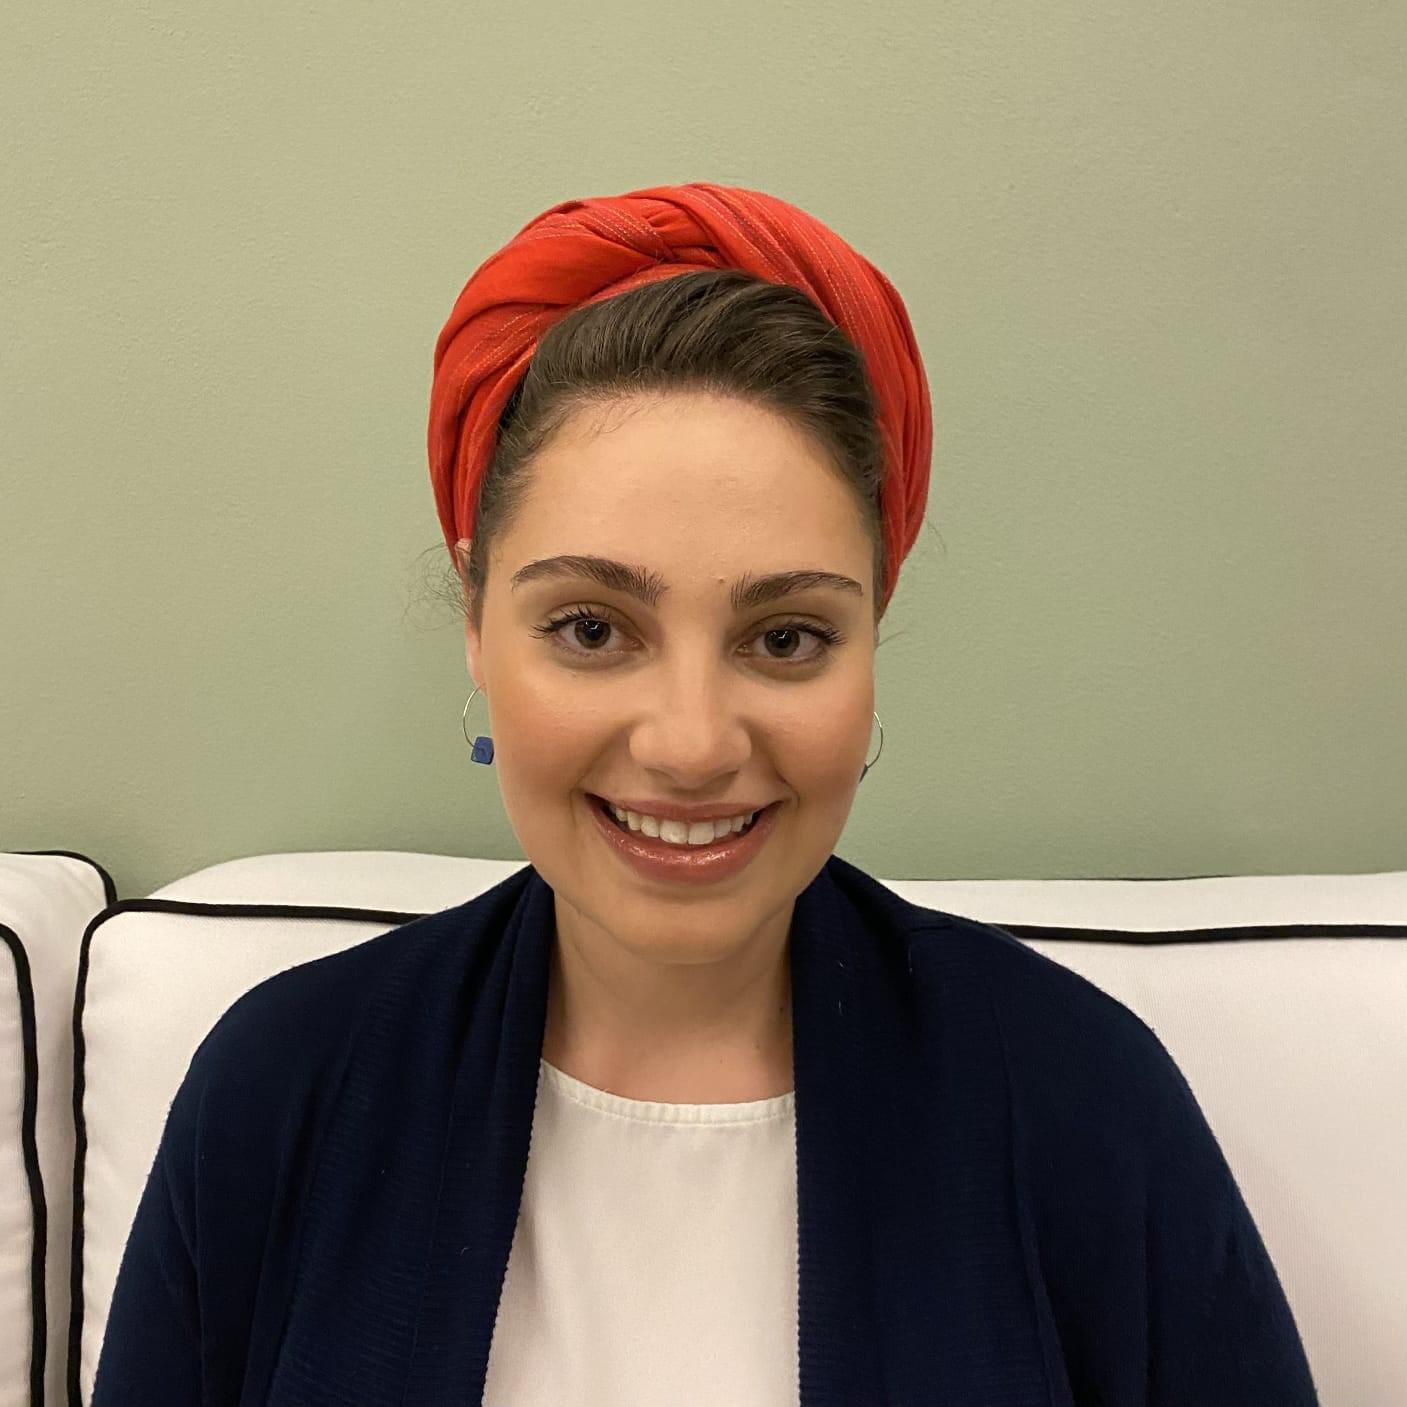 Valeria Shani Janzen Sametz